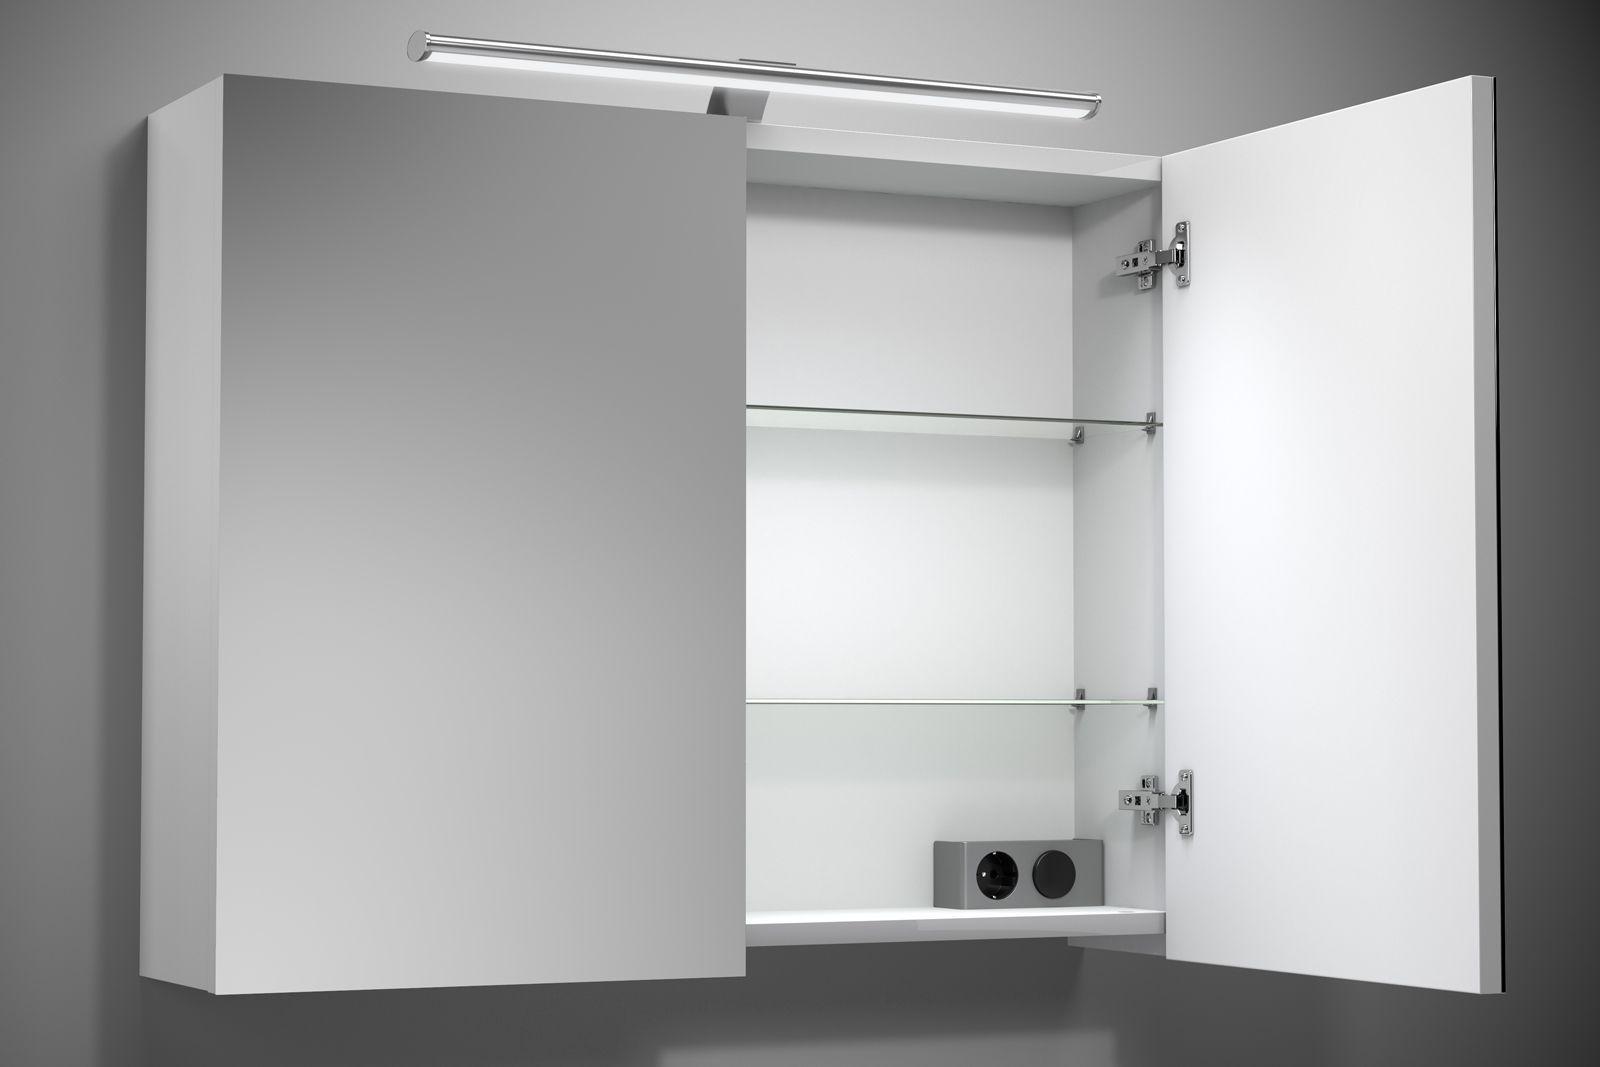 das badezimmer lampe spiegelschrank tipps zum dekorieren